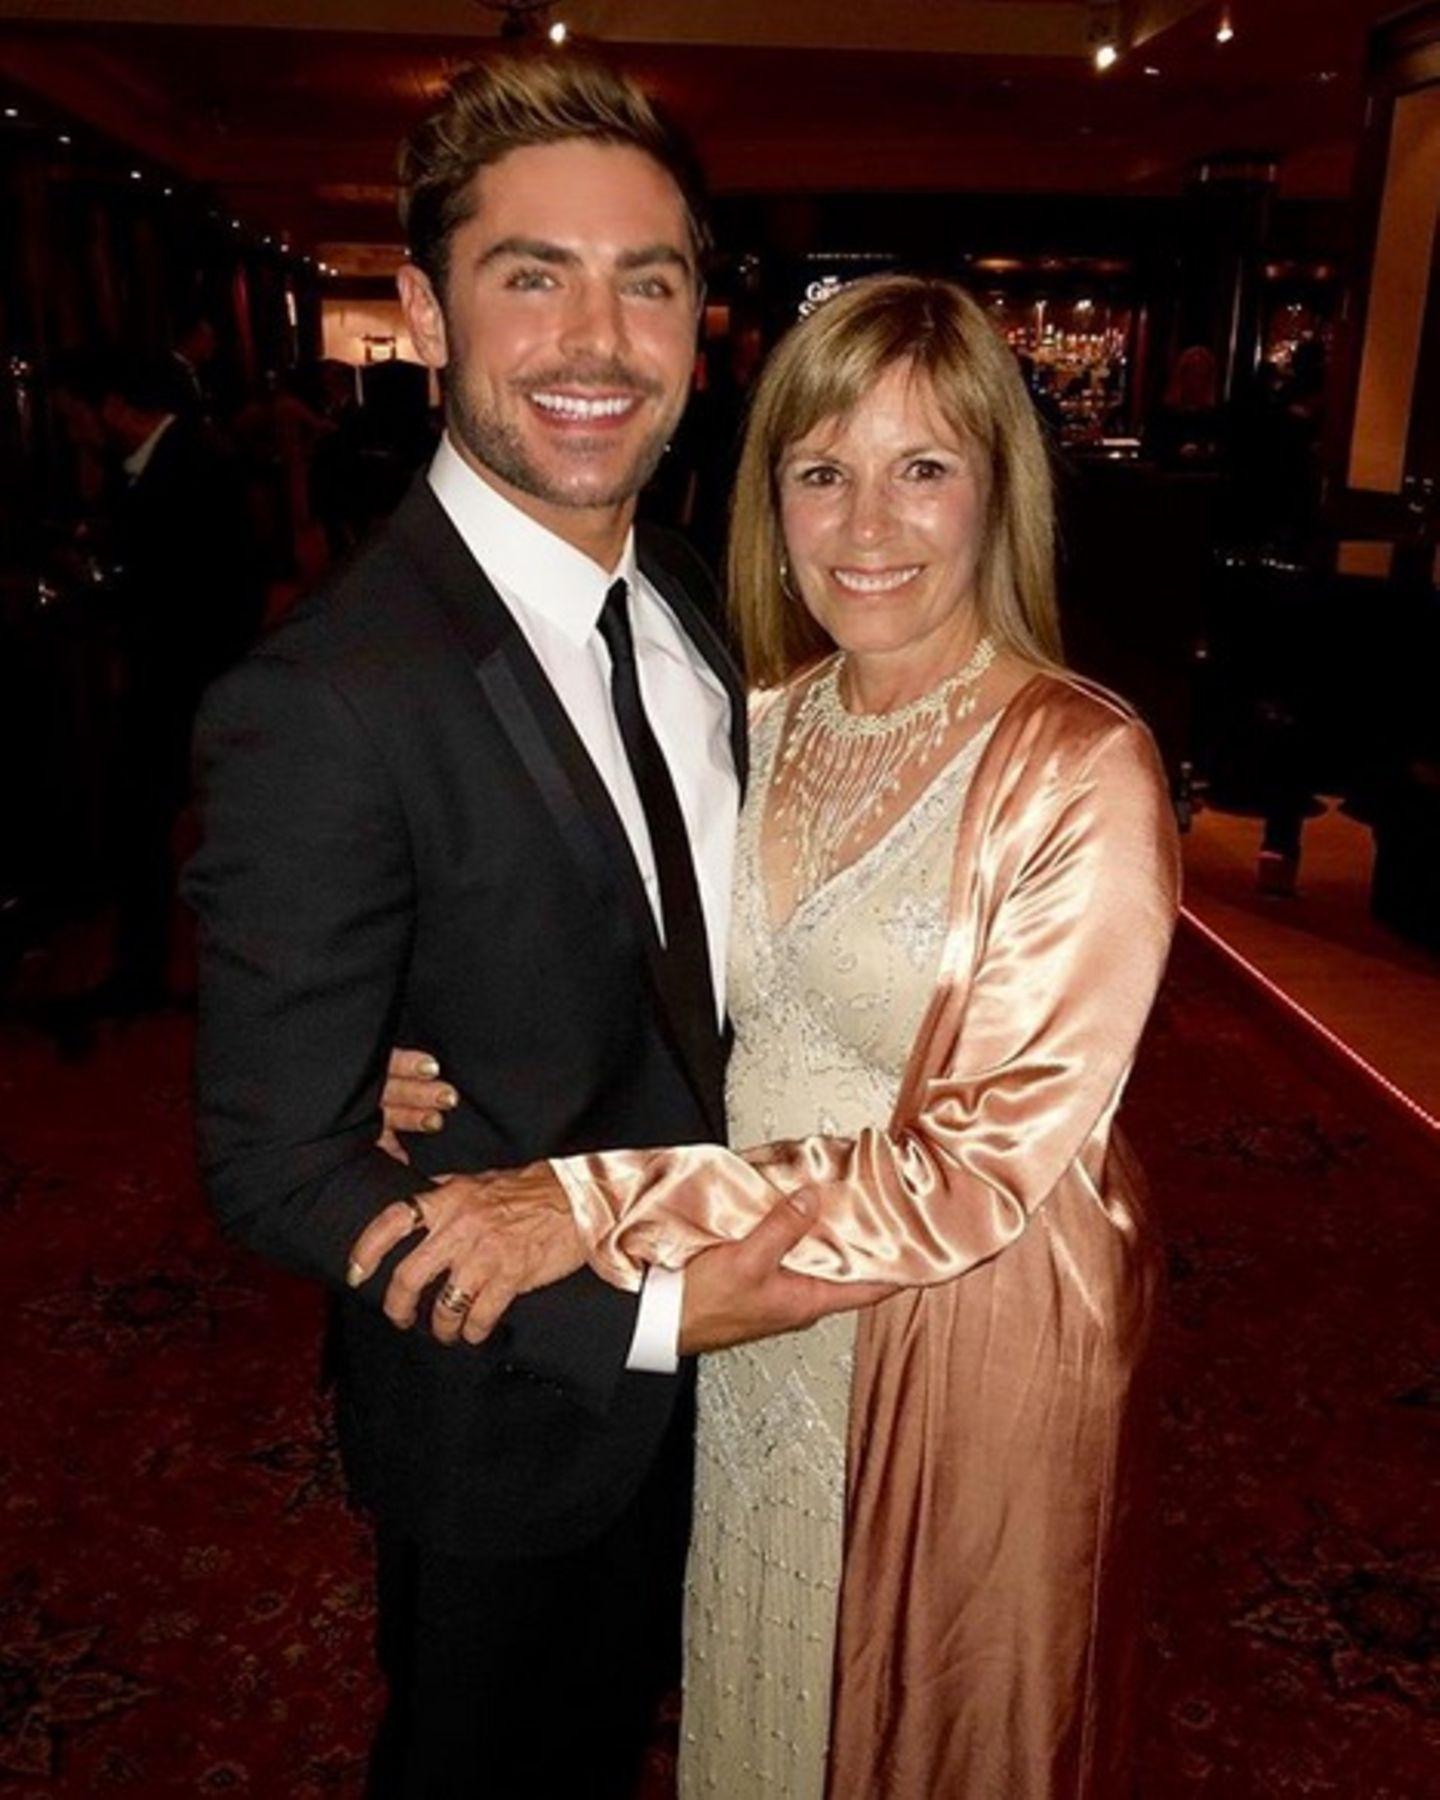 Starla Baskett ist eine große Stütze für ihren Sohn Zac Efron. Der Schauspieler gratuliert seiner Mutter darum herzlich auf Instagram zum Geburtstag.